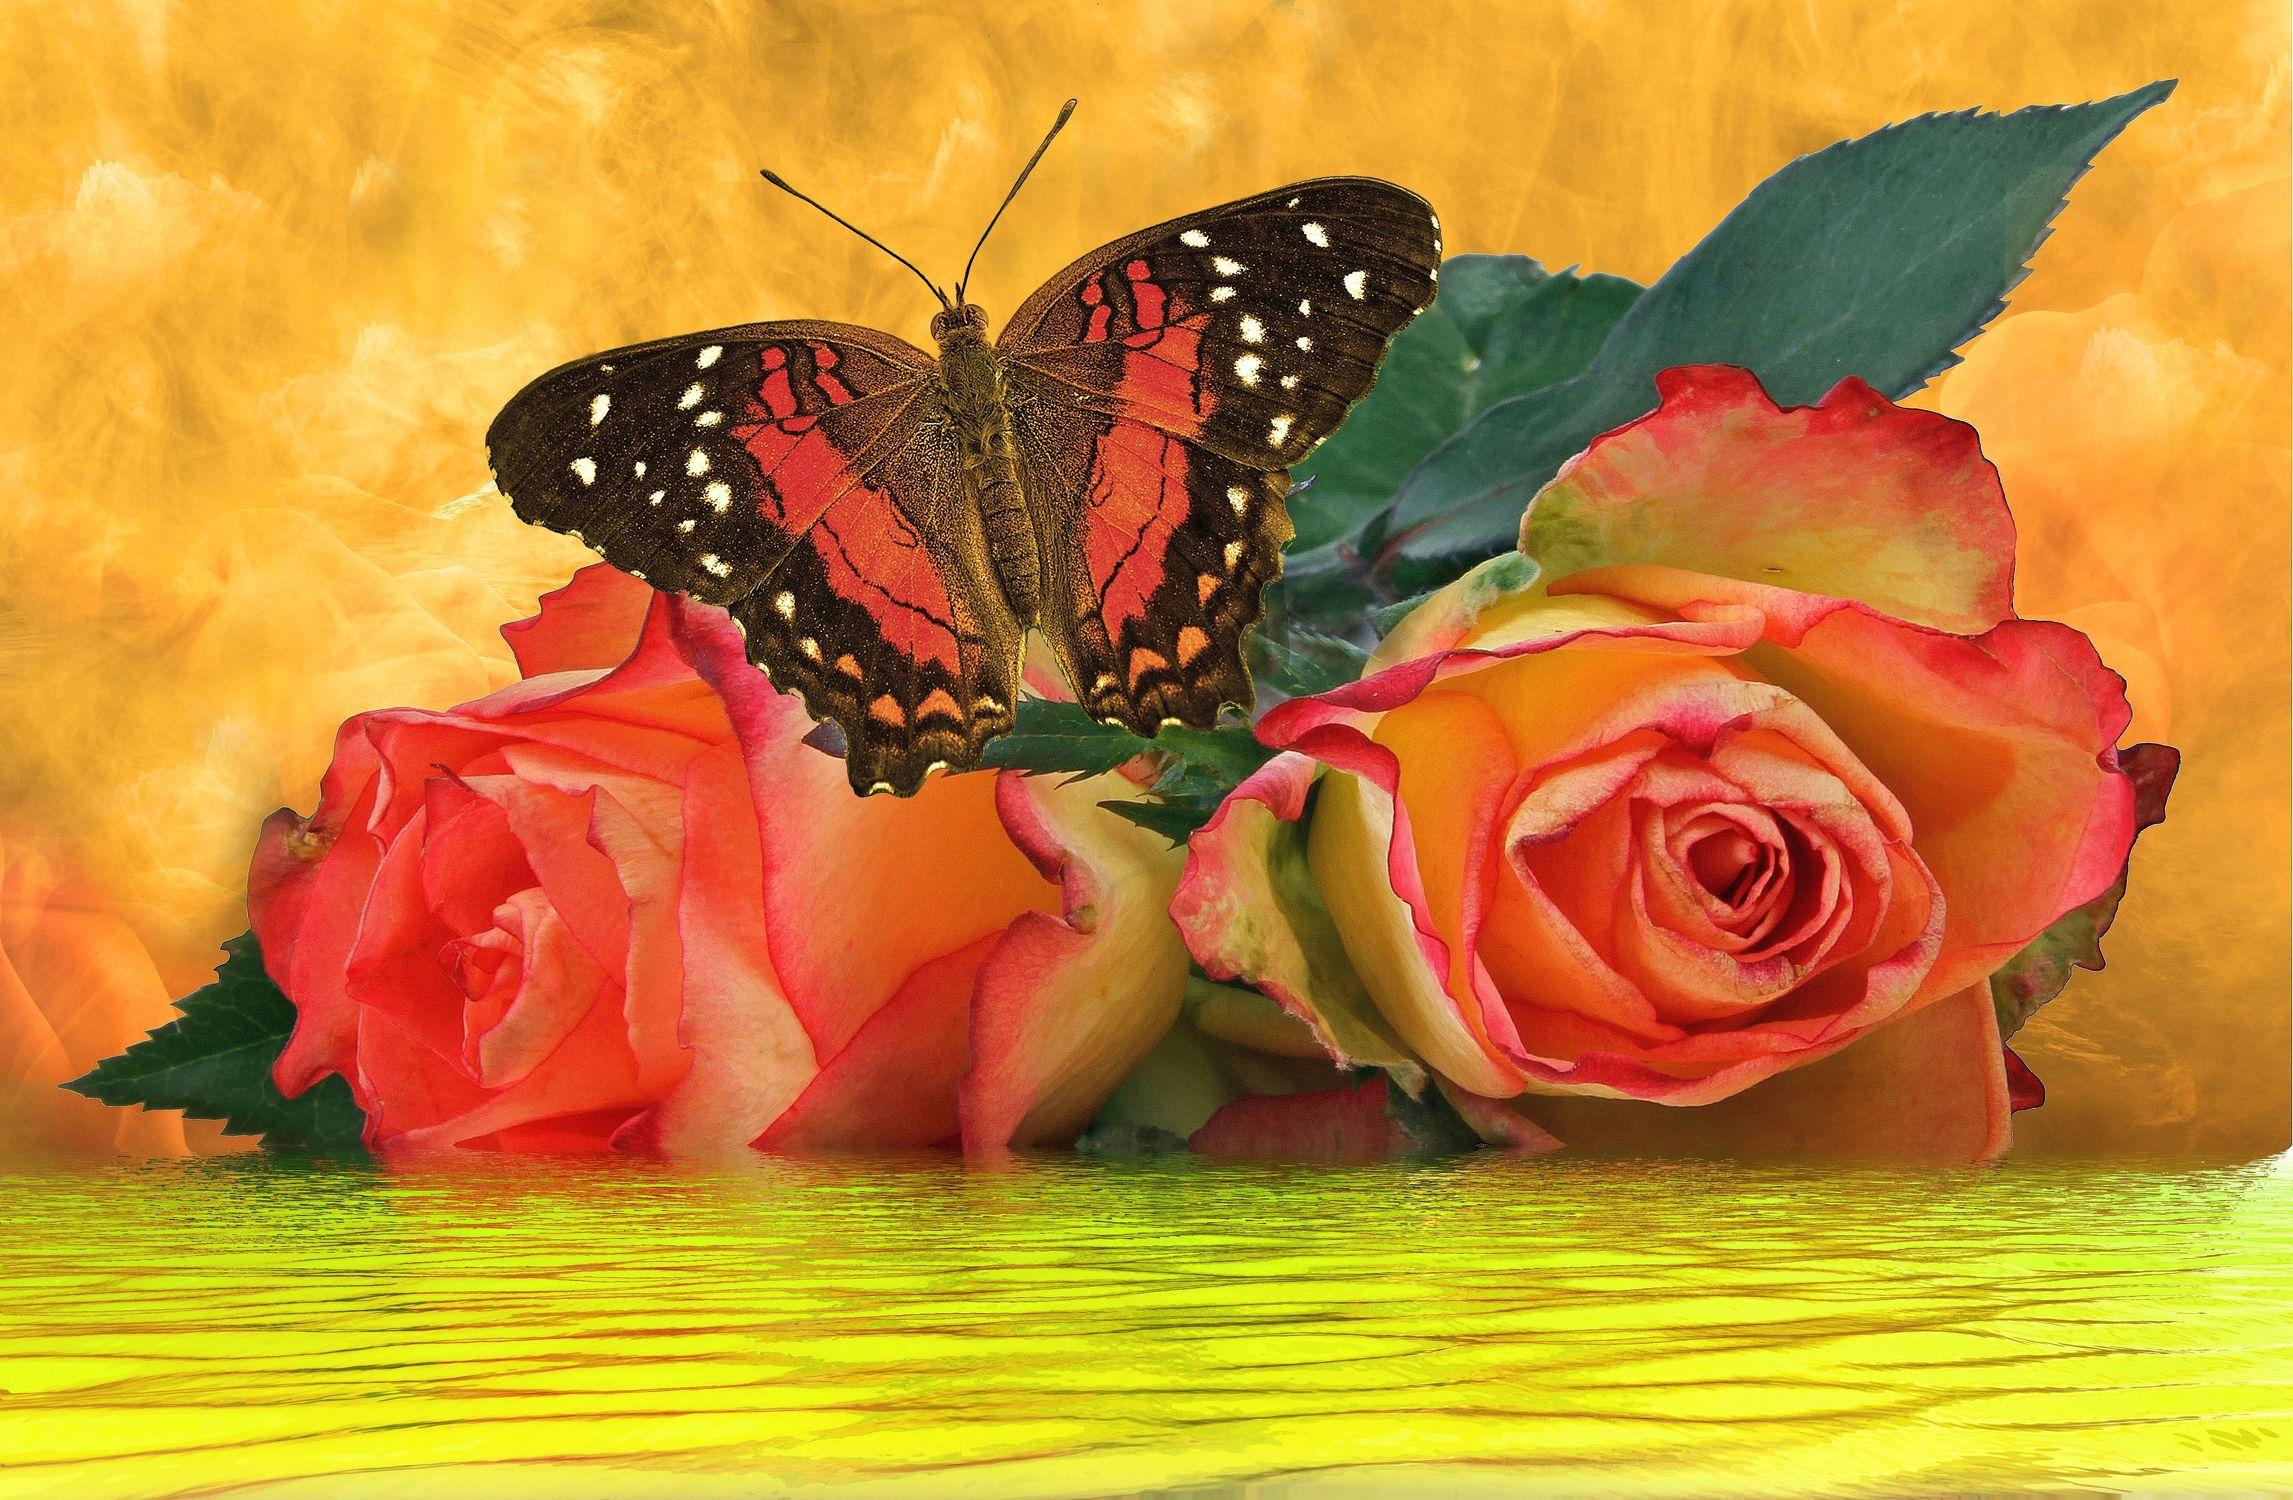 Bild mit Wasser, Pflanzen, Himmel, Wolken, Gewässer, Rosen, Schmetterlinge, Pflanze, Rose, Stilleben, Blüten, Schmetterling, blüte, Fluss